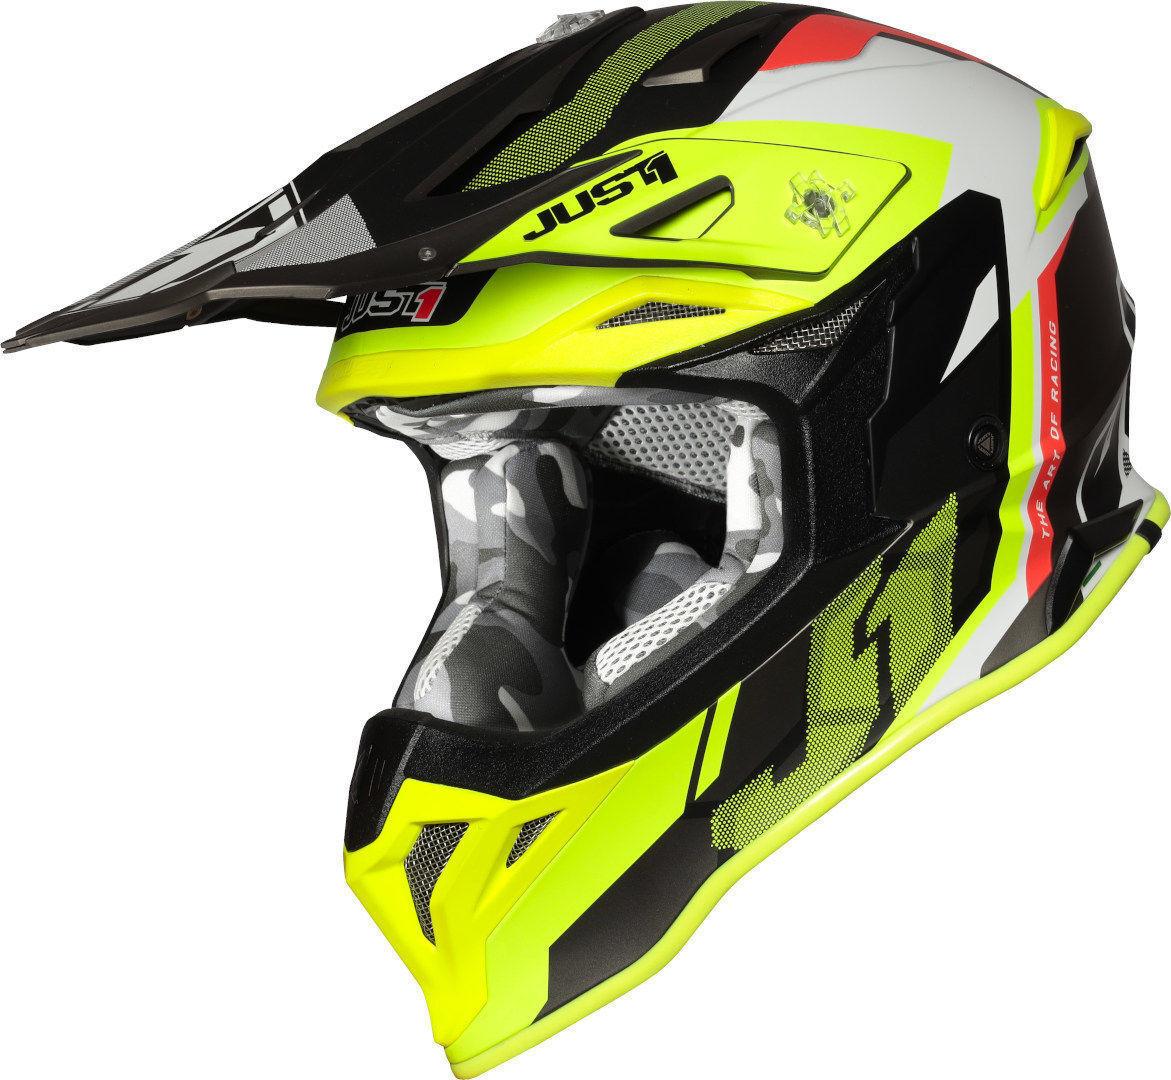 Just1 J39 Reactor Motocross kypärä  - Musta Punainen Keltainen - Size: S